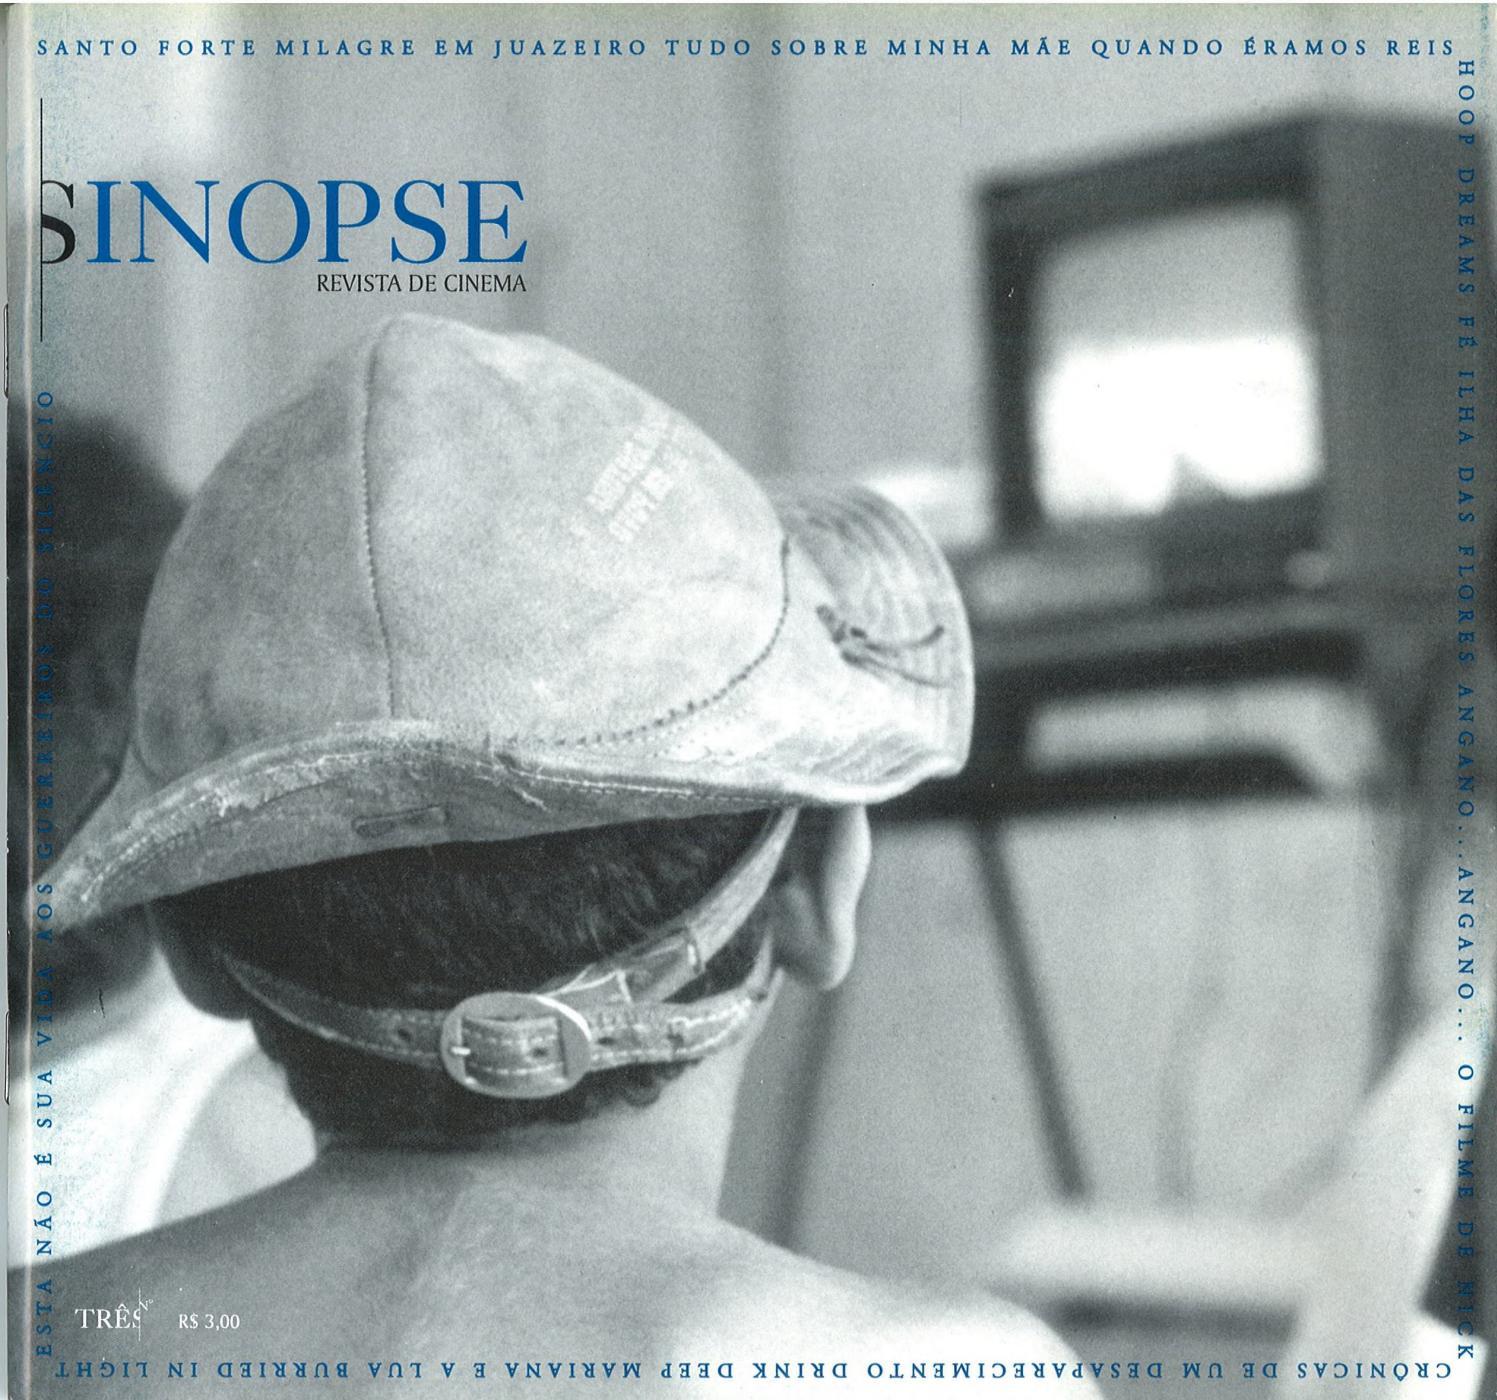 b43b1dcb30835 Sinopse 03 by CINUSP Paulo Emílio - issuu